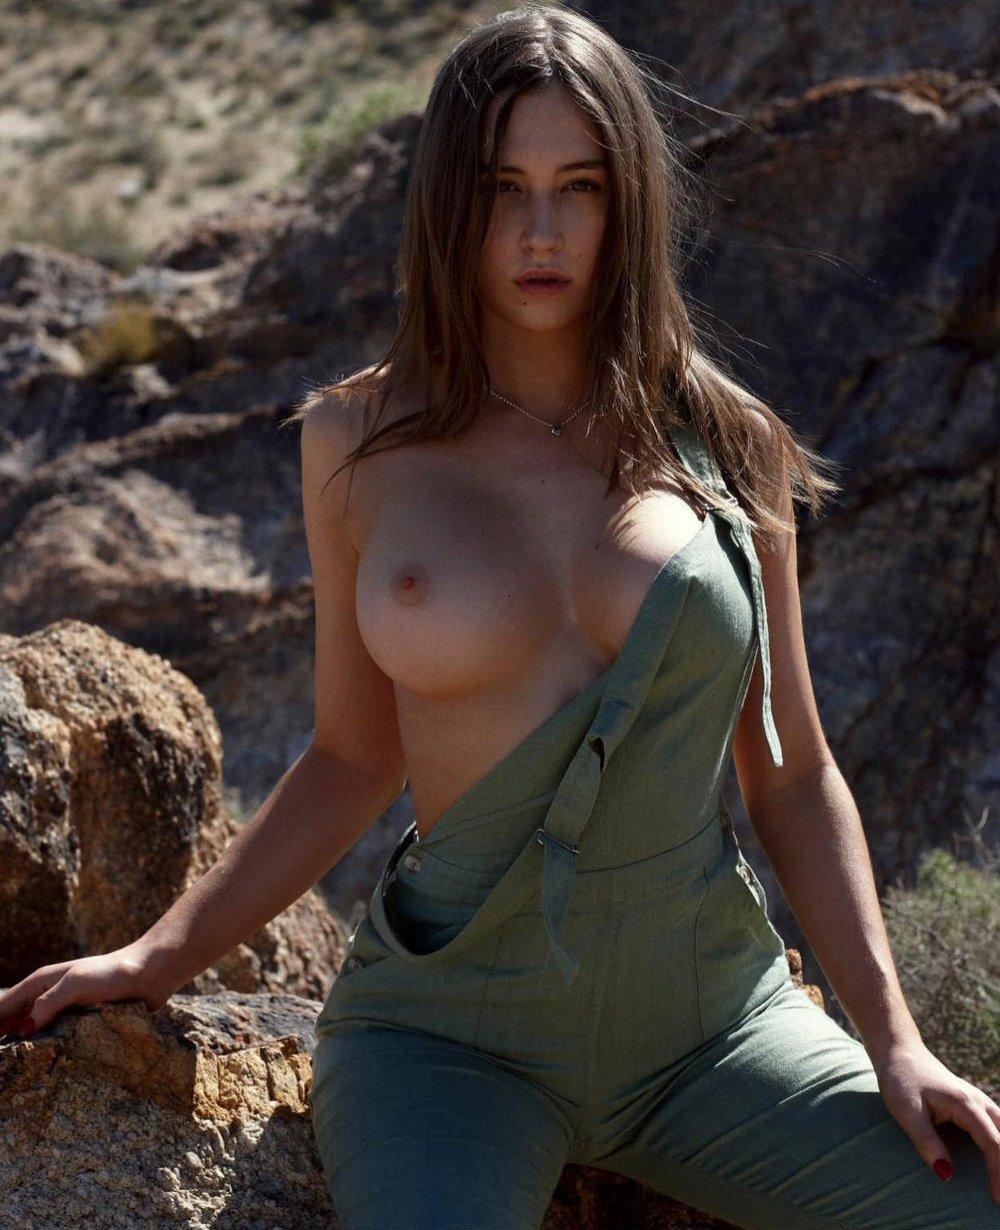 Elsie-Hewitt-Playboy-May-2017-Stefan-Würth-4.jpg